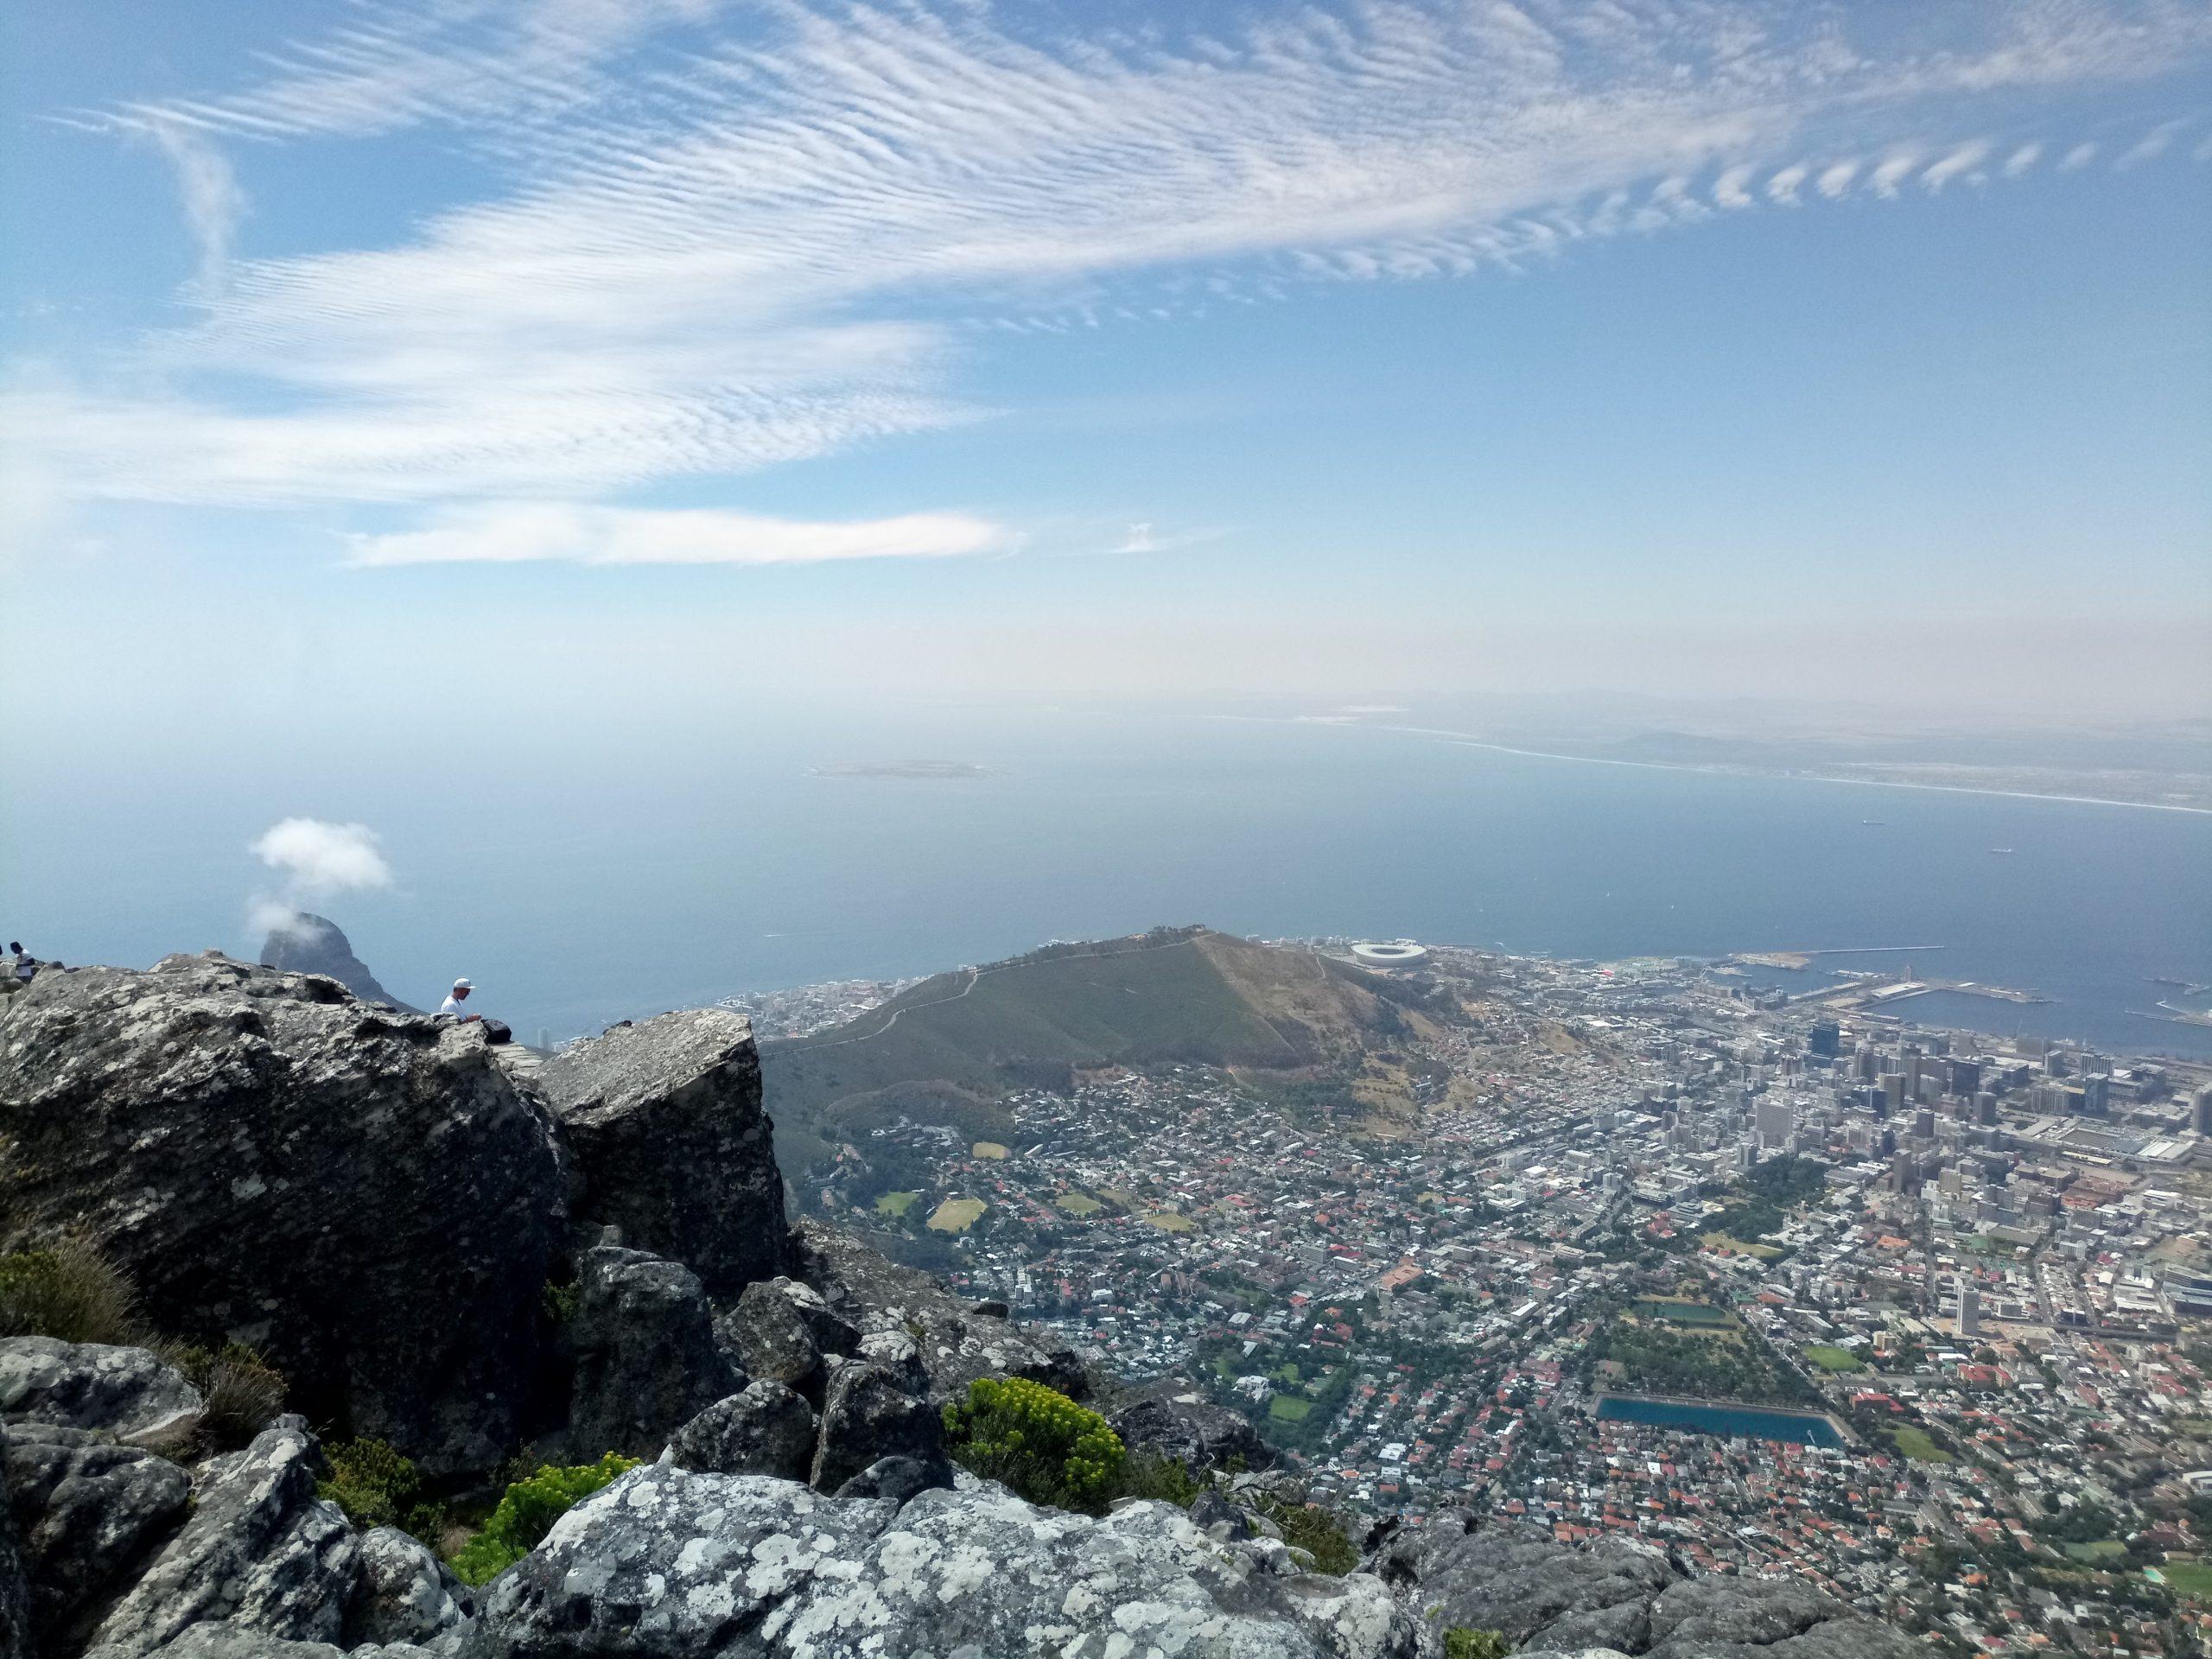 MI in South Africa